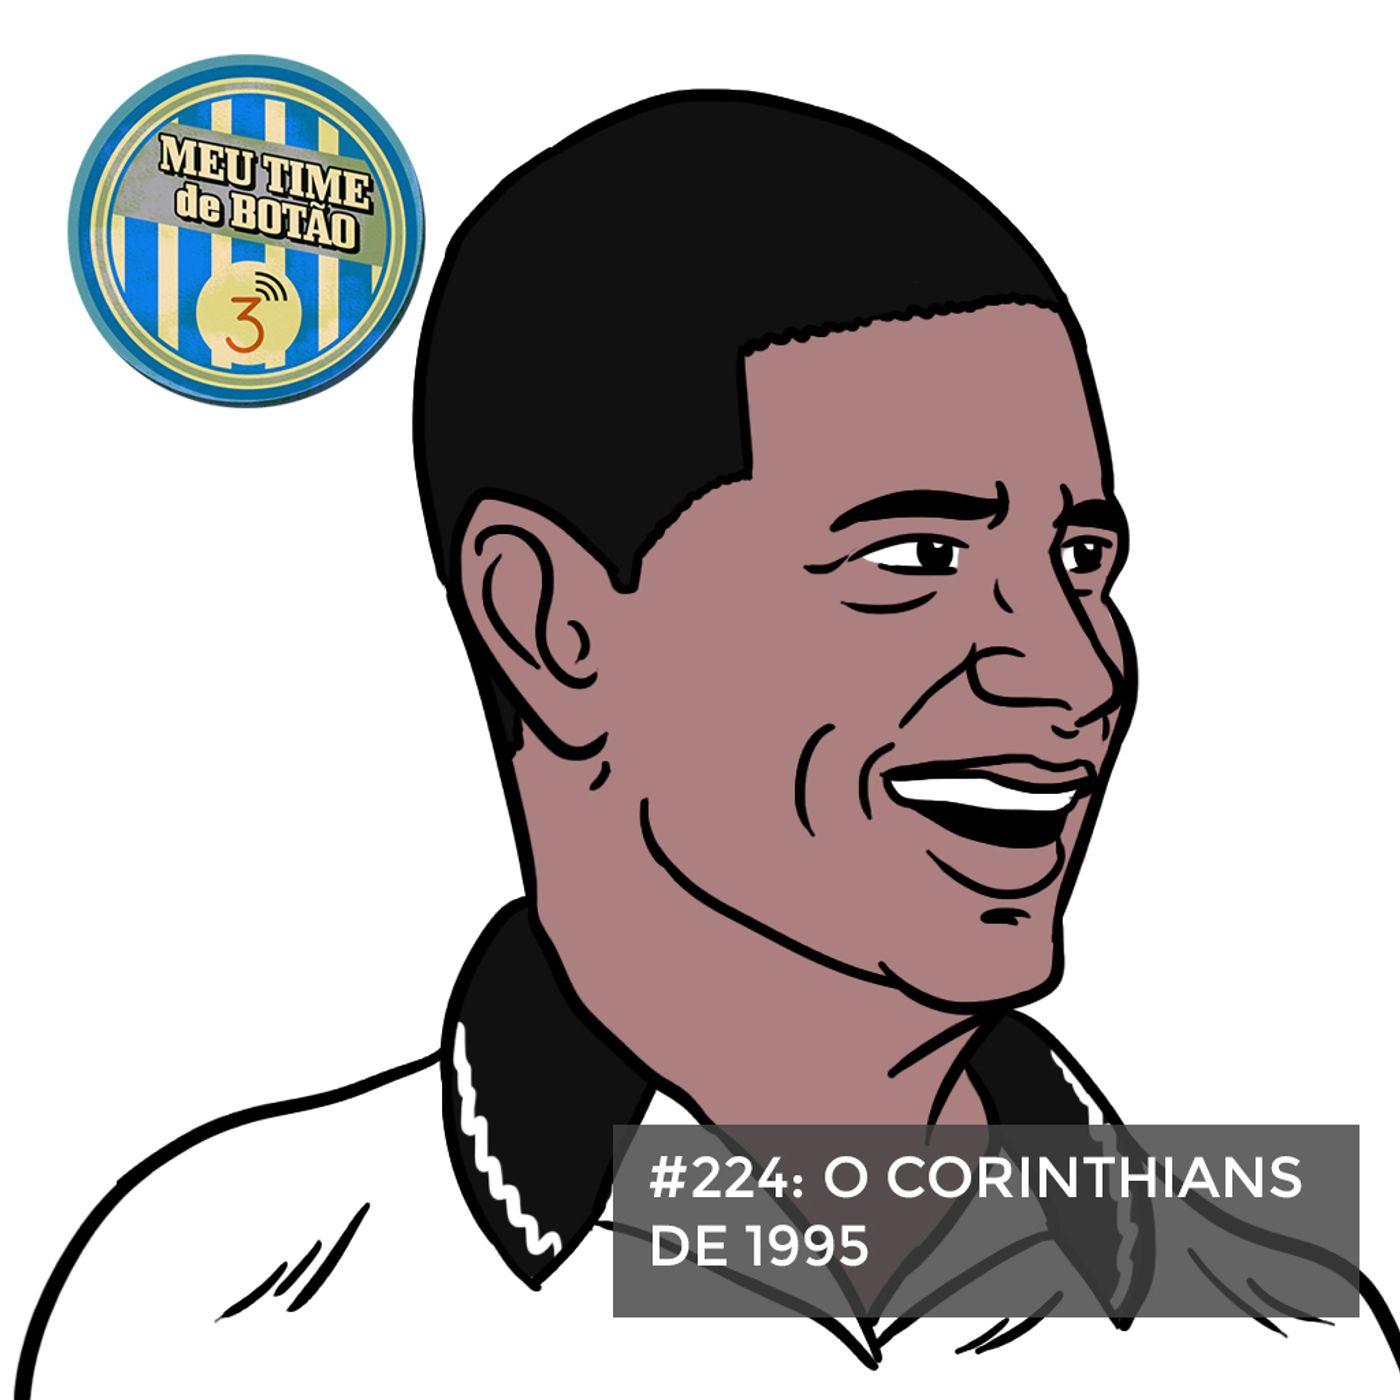 Botão #224 O Corinthians de 1995